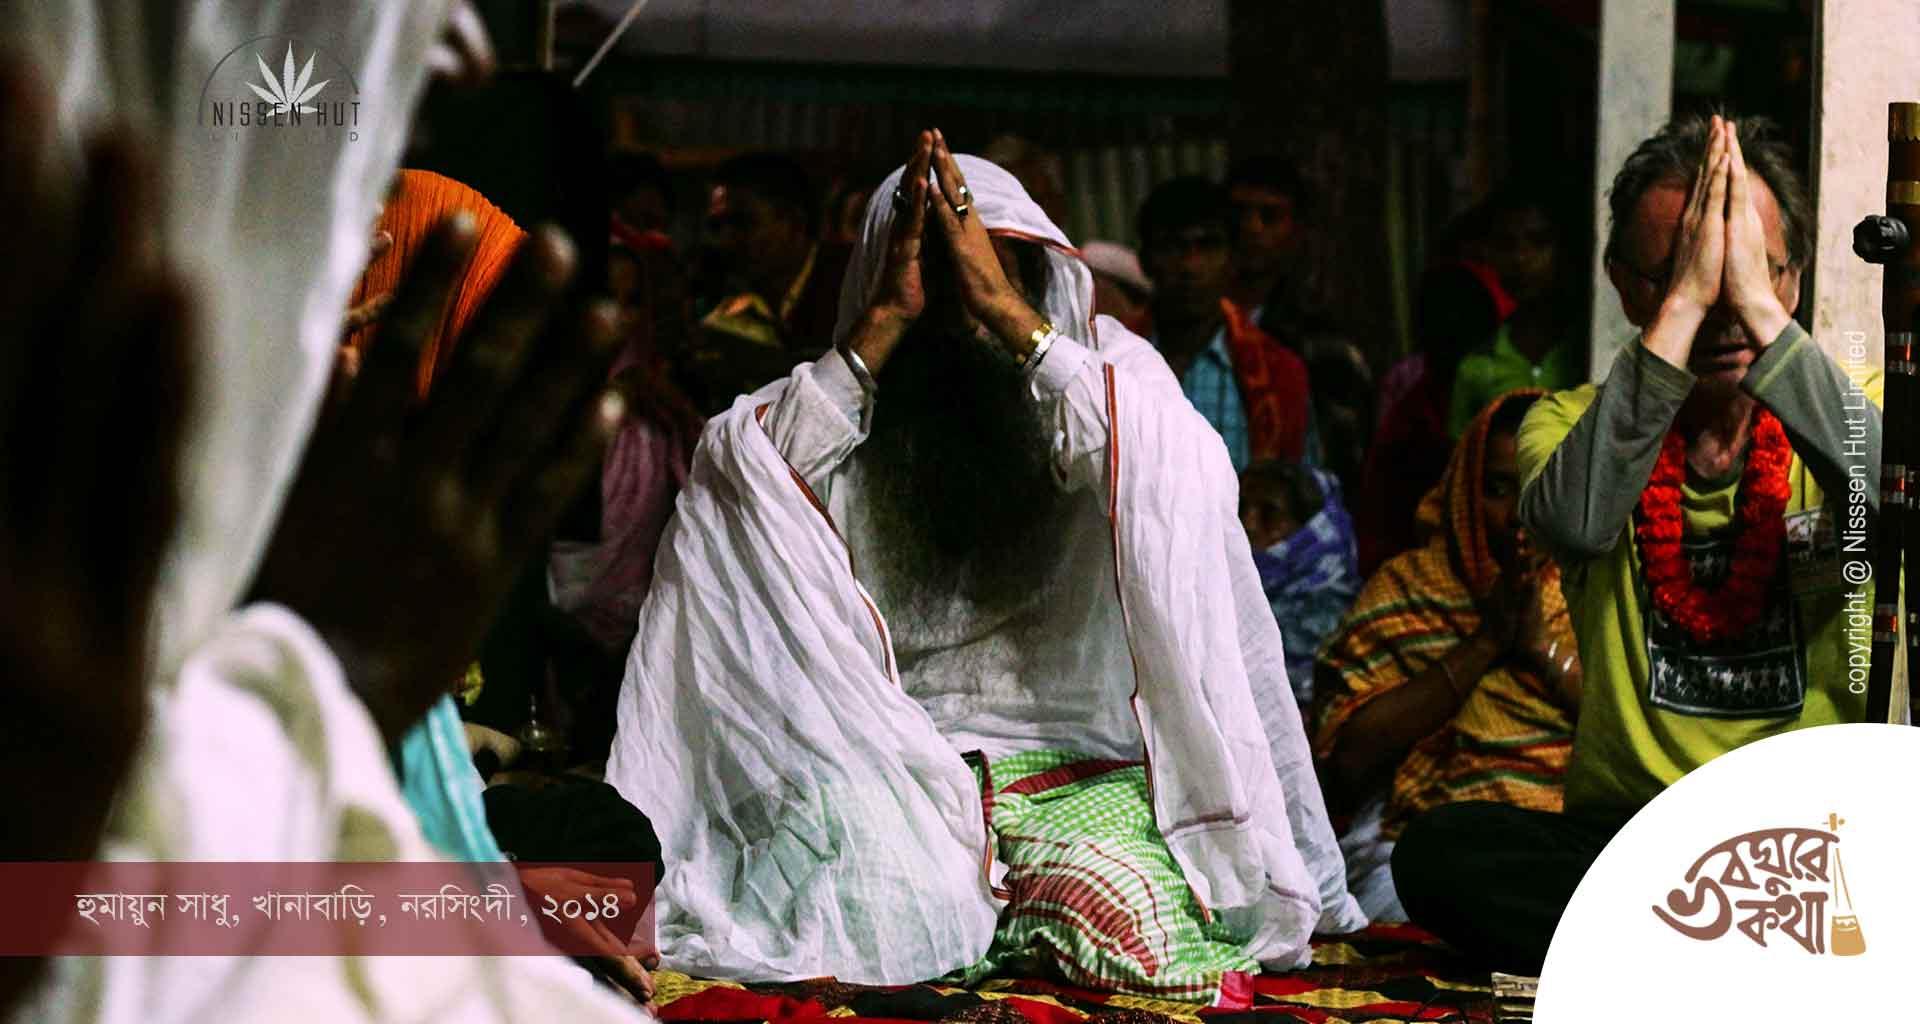 হুমায়ুন সাধু গুরুদক্ষিণা সাধুসঙ্গ